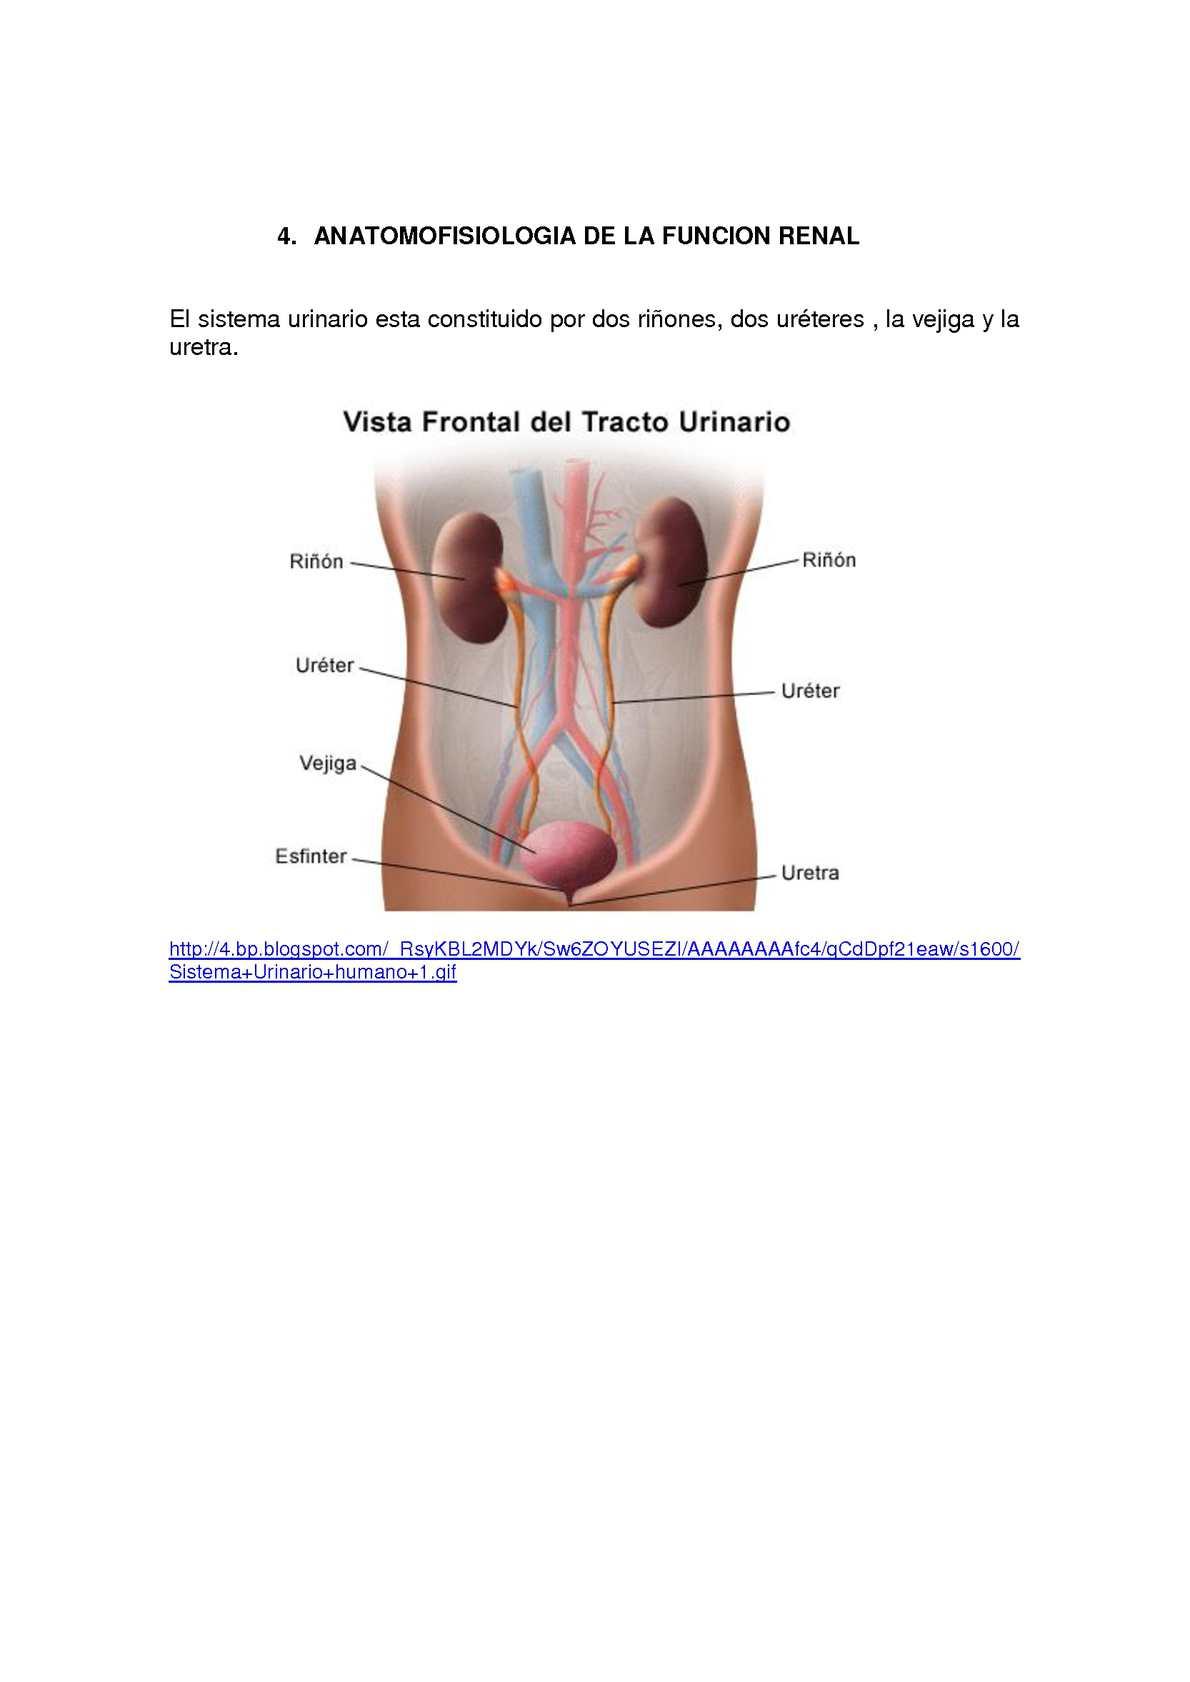 Como esta constituido el sistema urinario humano